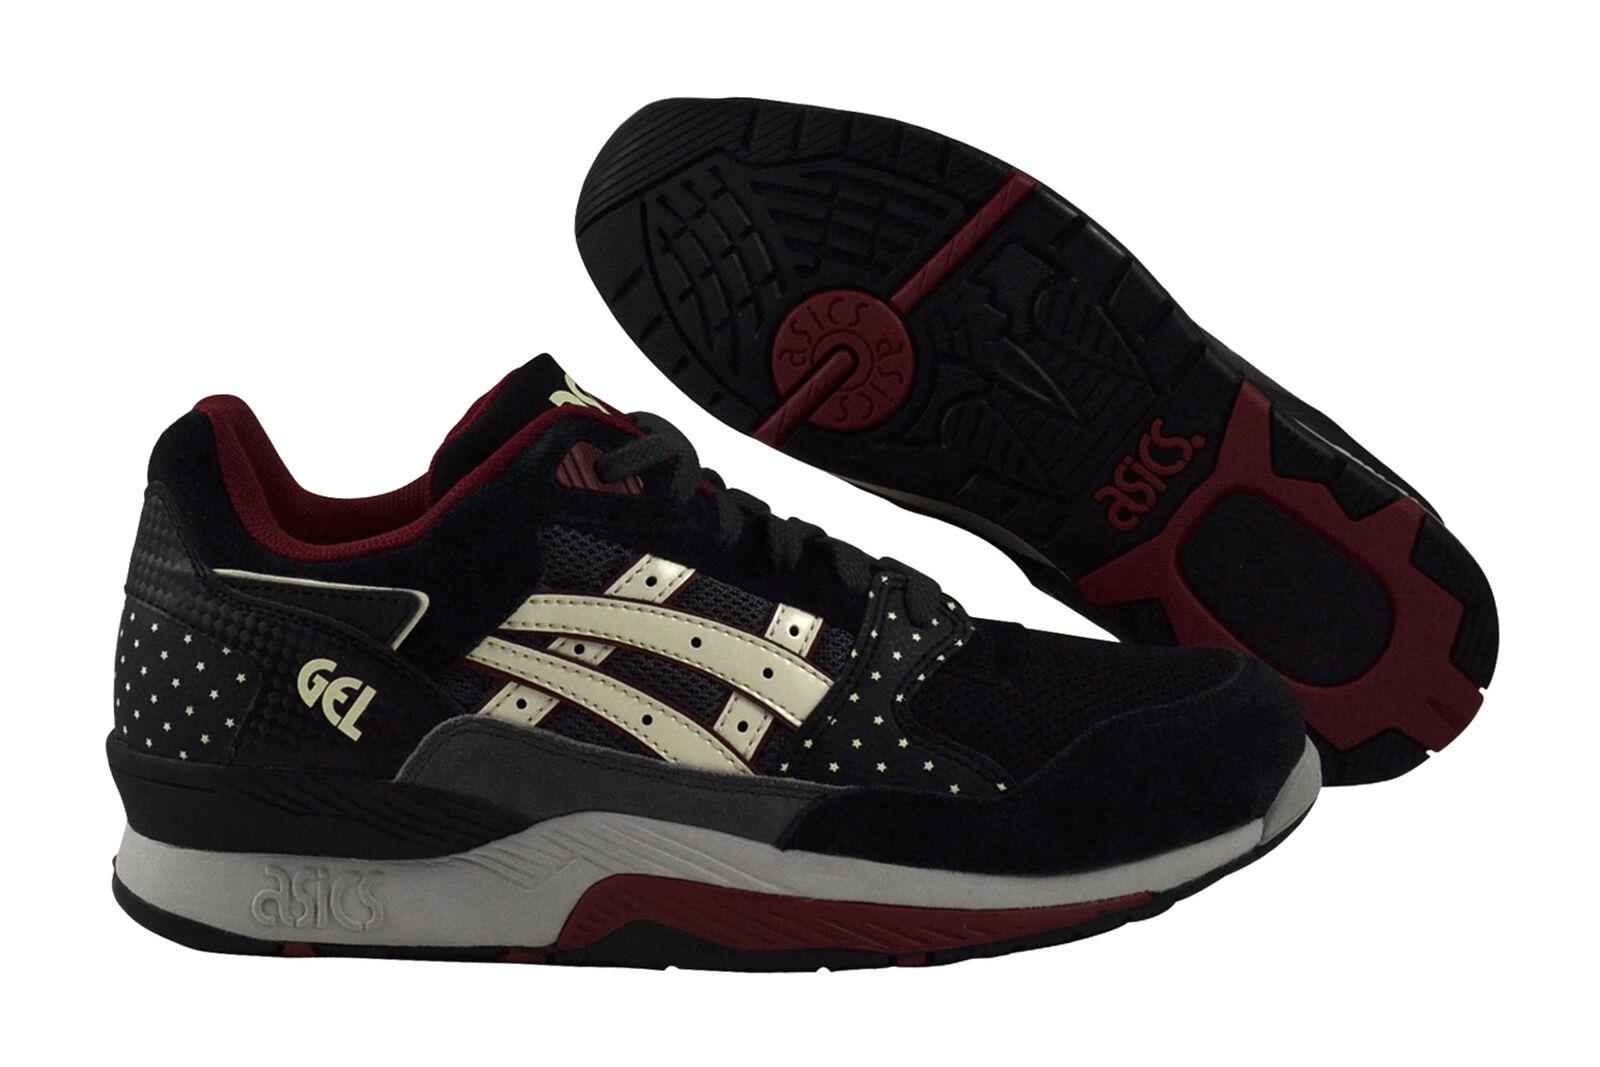 Asics GT-Quick schwarz schwarz schwarz glow in the dark Schuhe schwarz H443L9007 8edf05